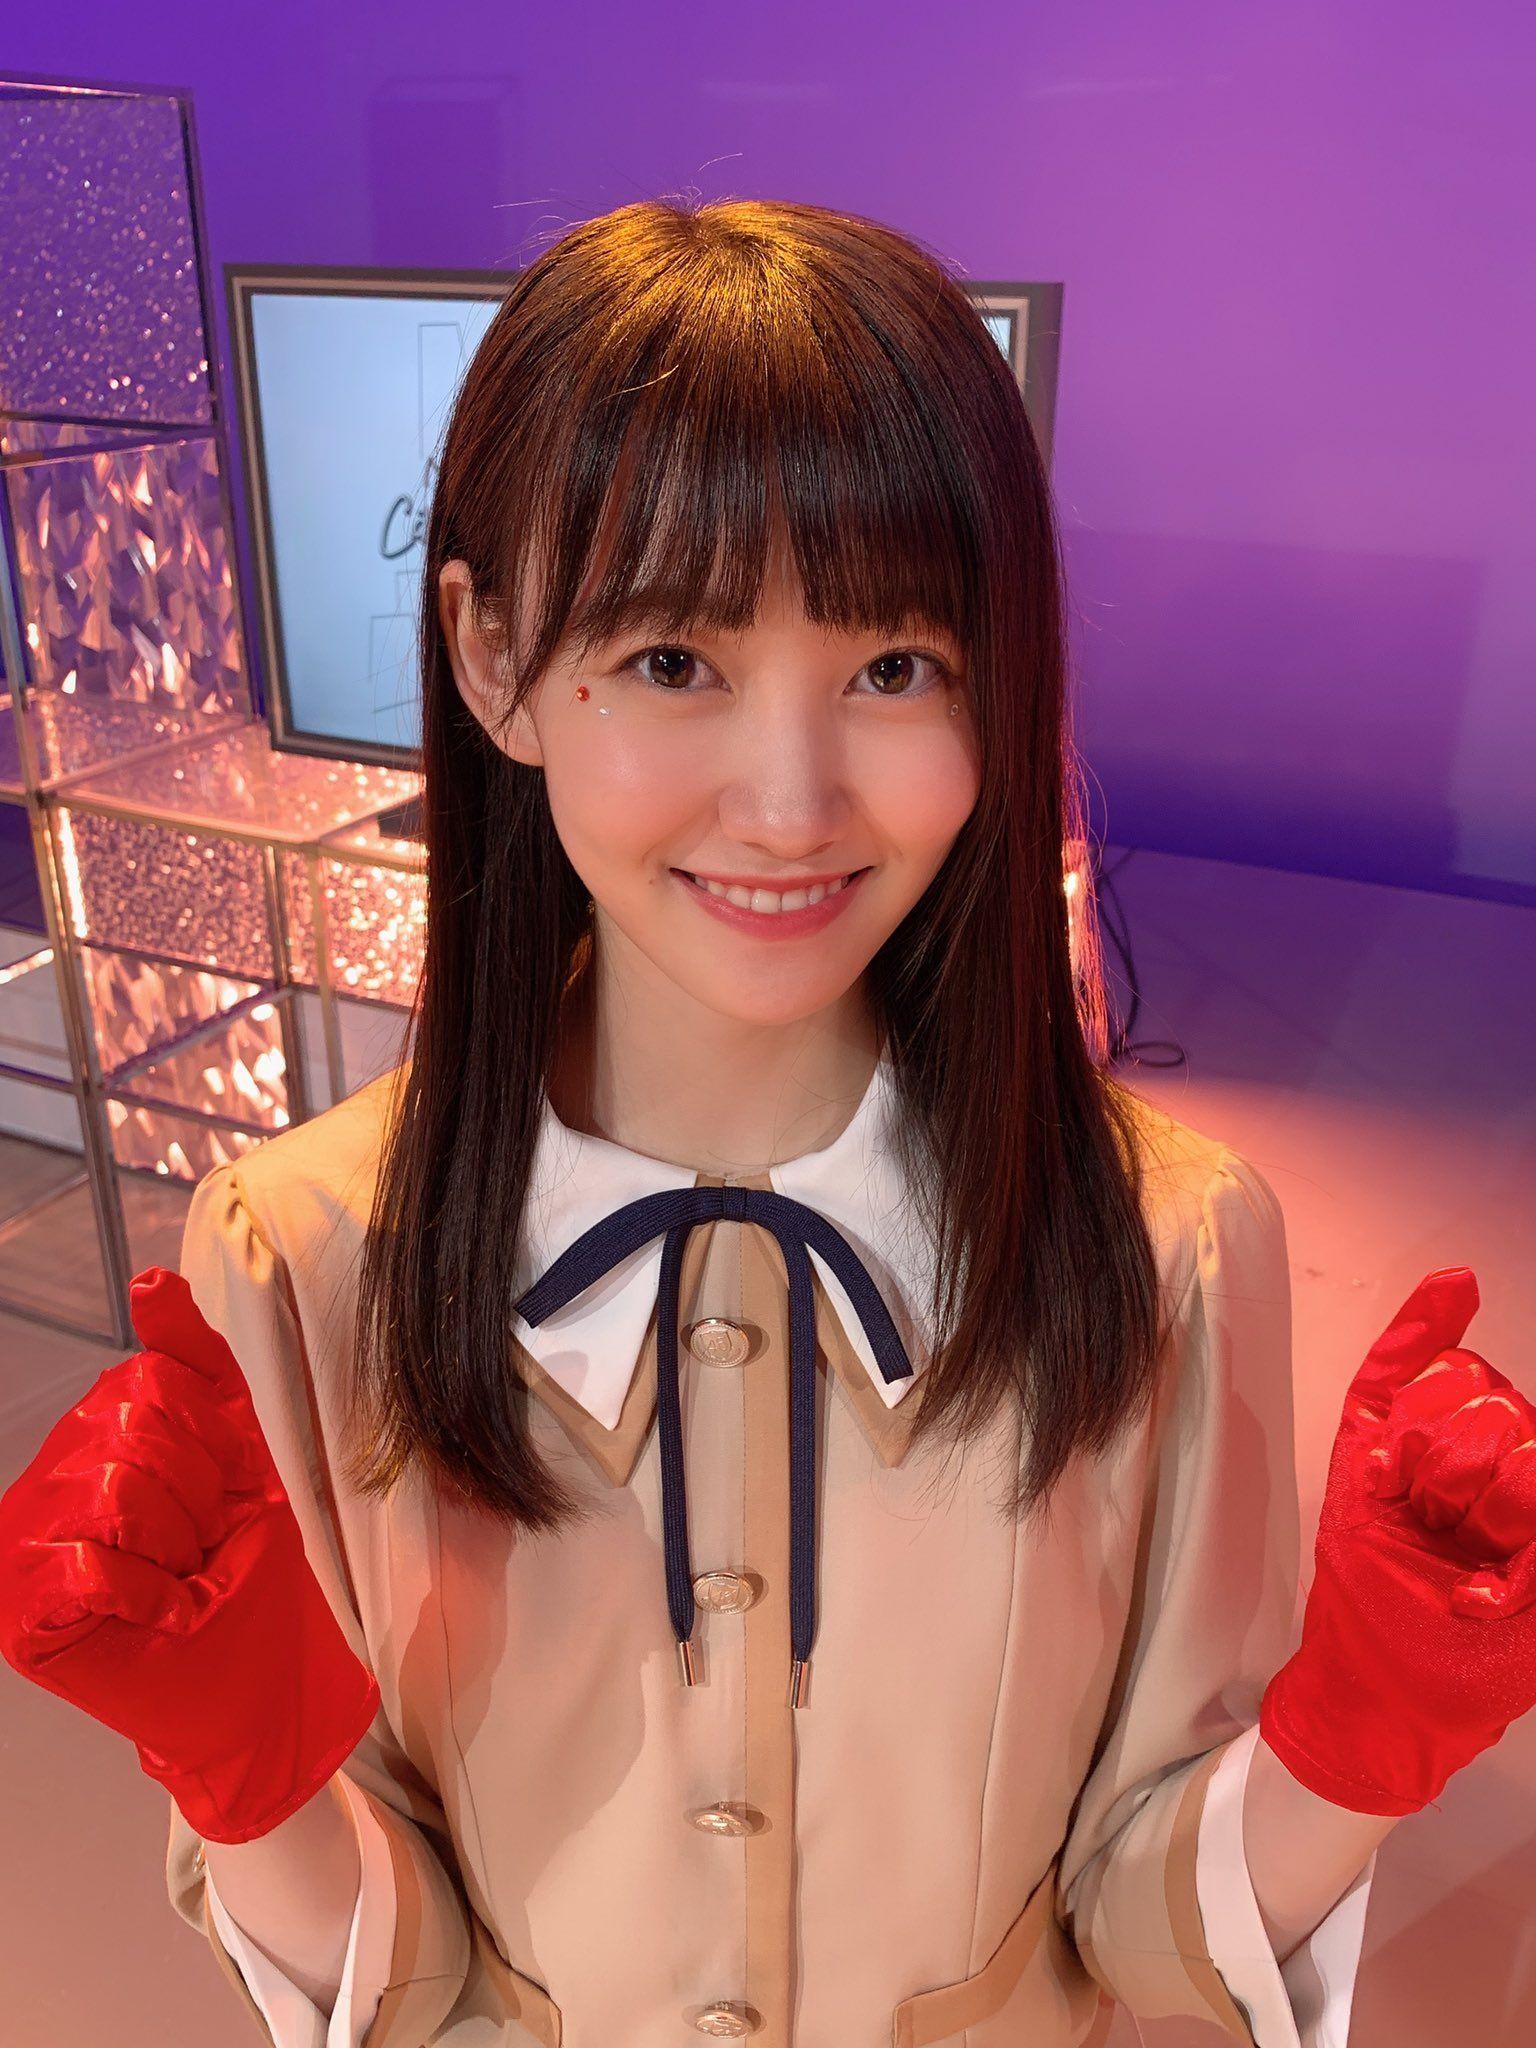 Pin on Nogizaka46